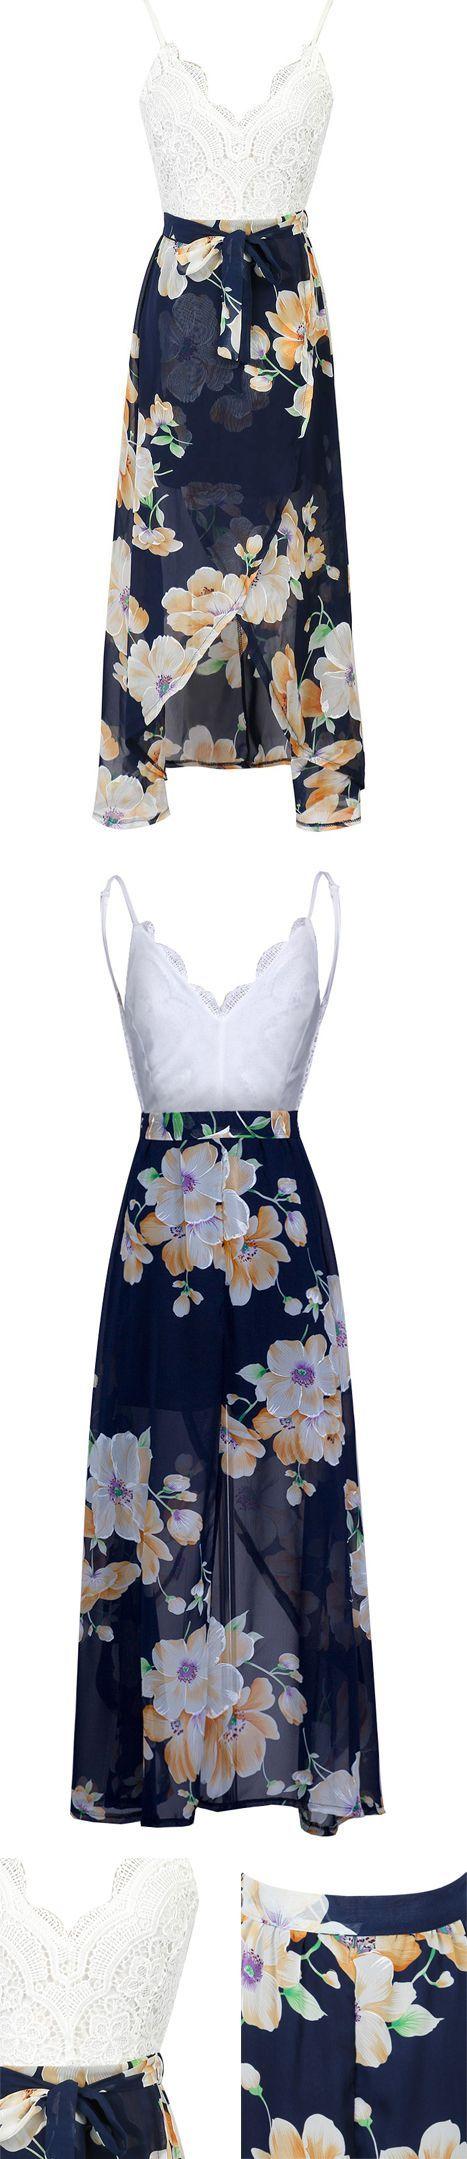 MYNYSTYLE | $19.99 White V-neck Lace Overlay Open Back Floral Split Maxi Dress.